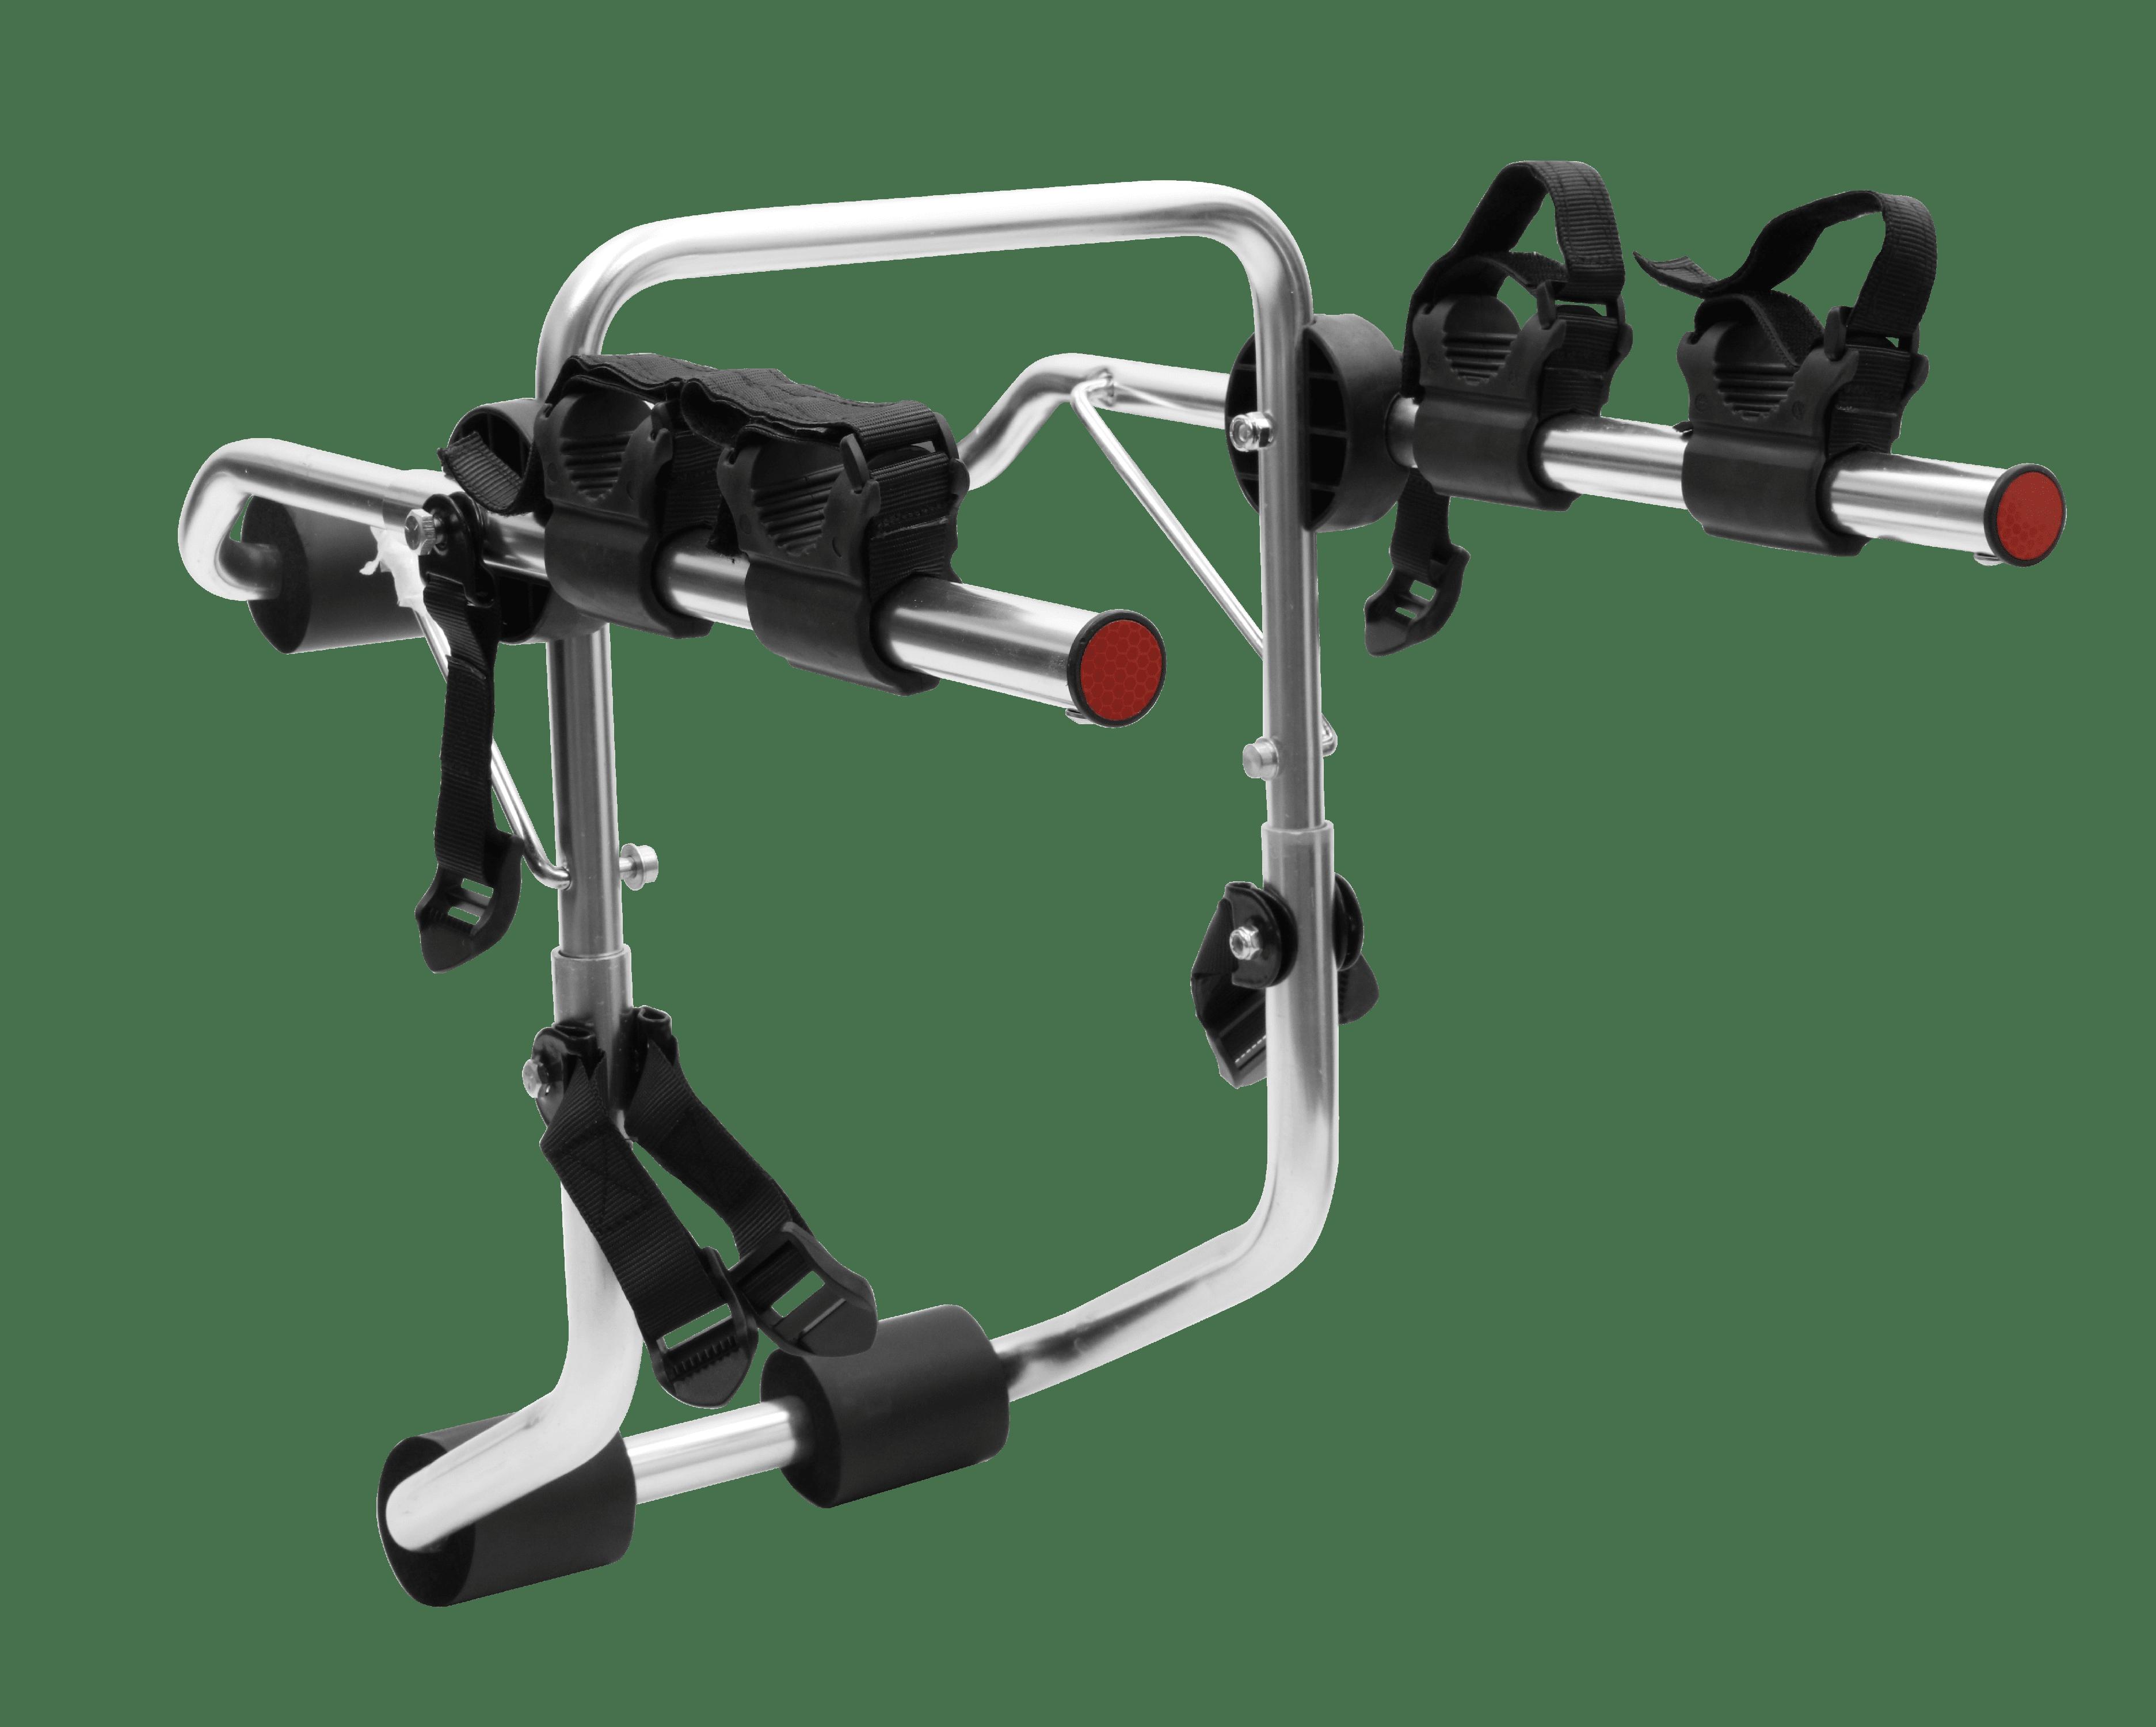 Trunk Mounted Bike Carrier Rack Holder 2 Bikes